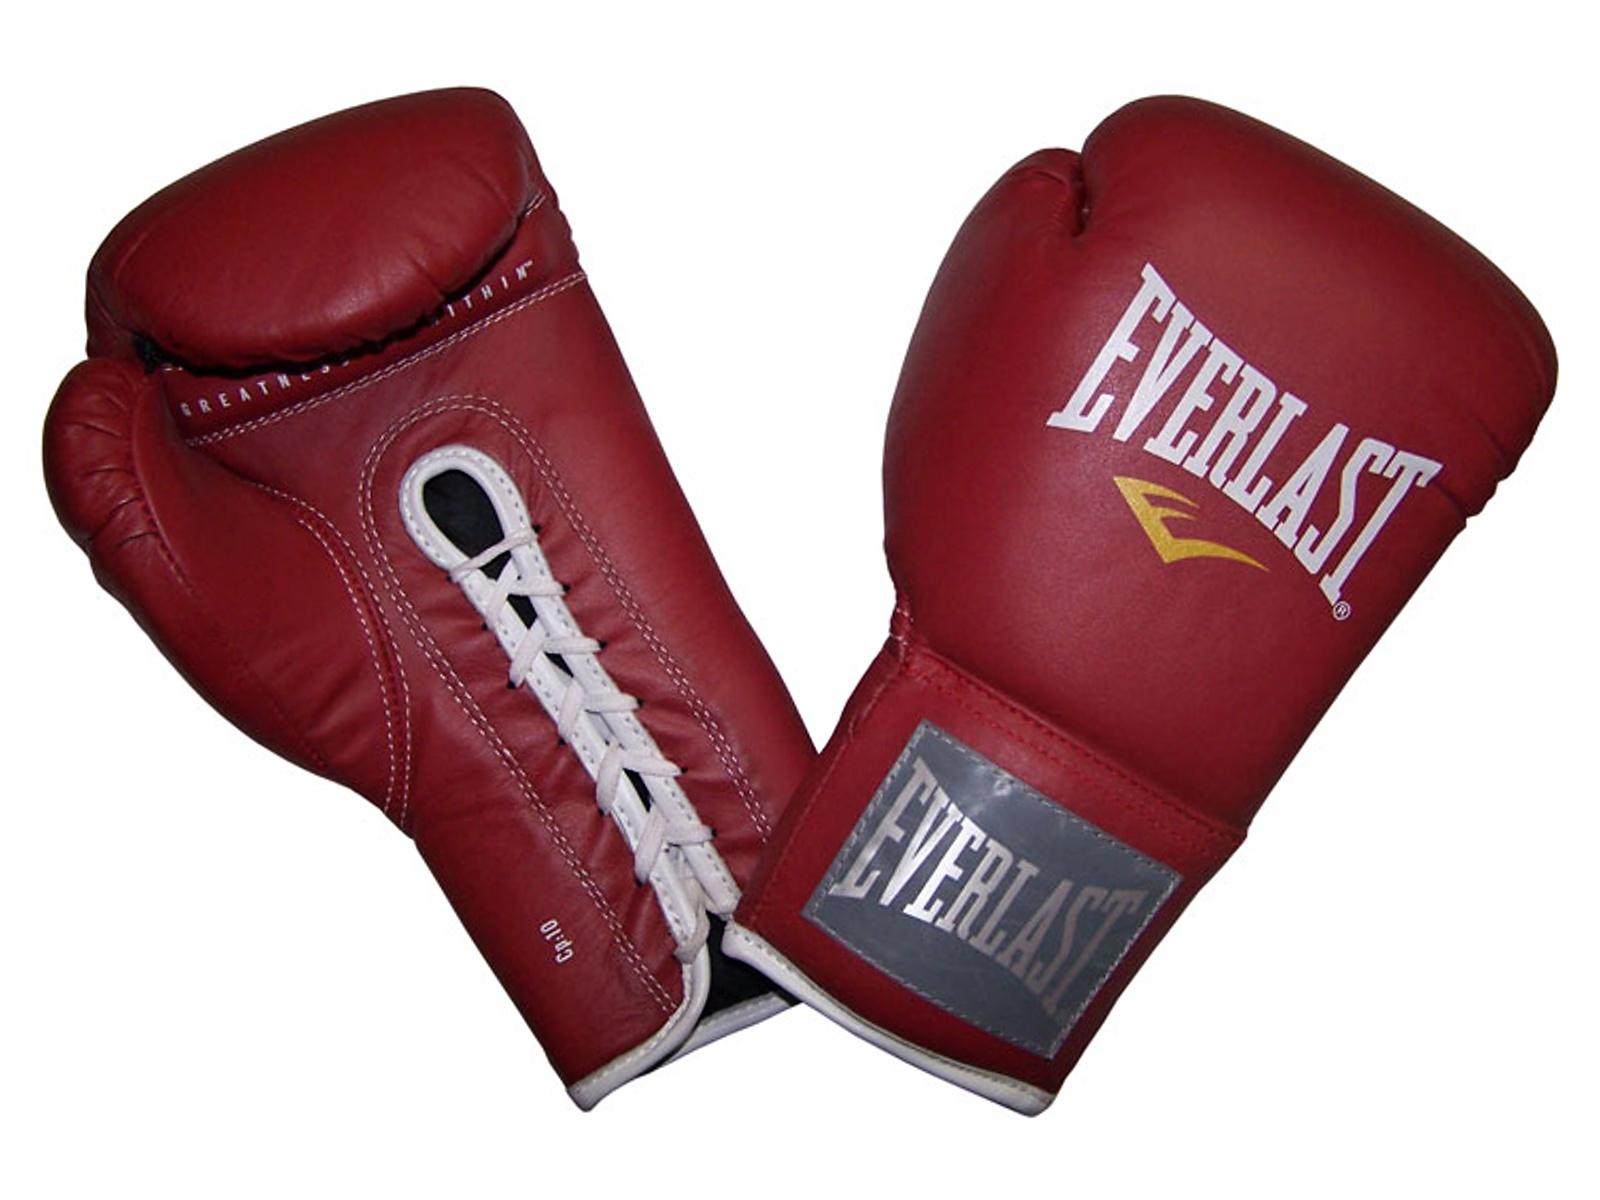 Boxerské rukavice EVERLAST Pro Fighter C3 červené 10oz.